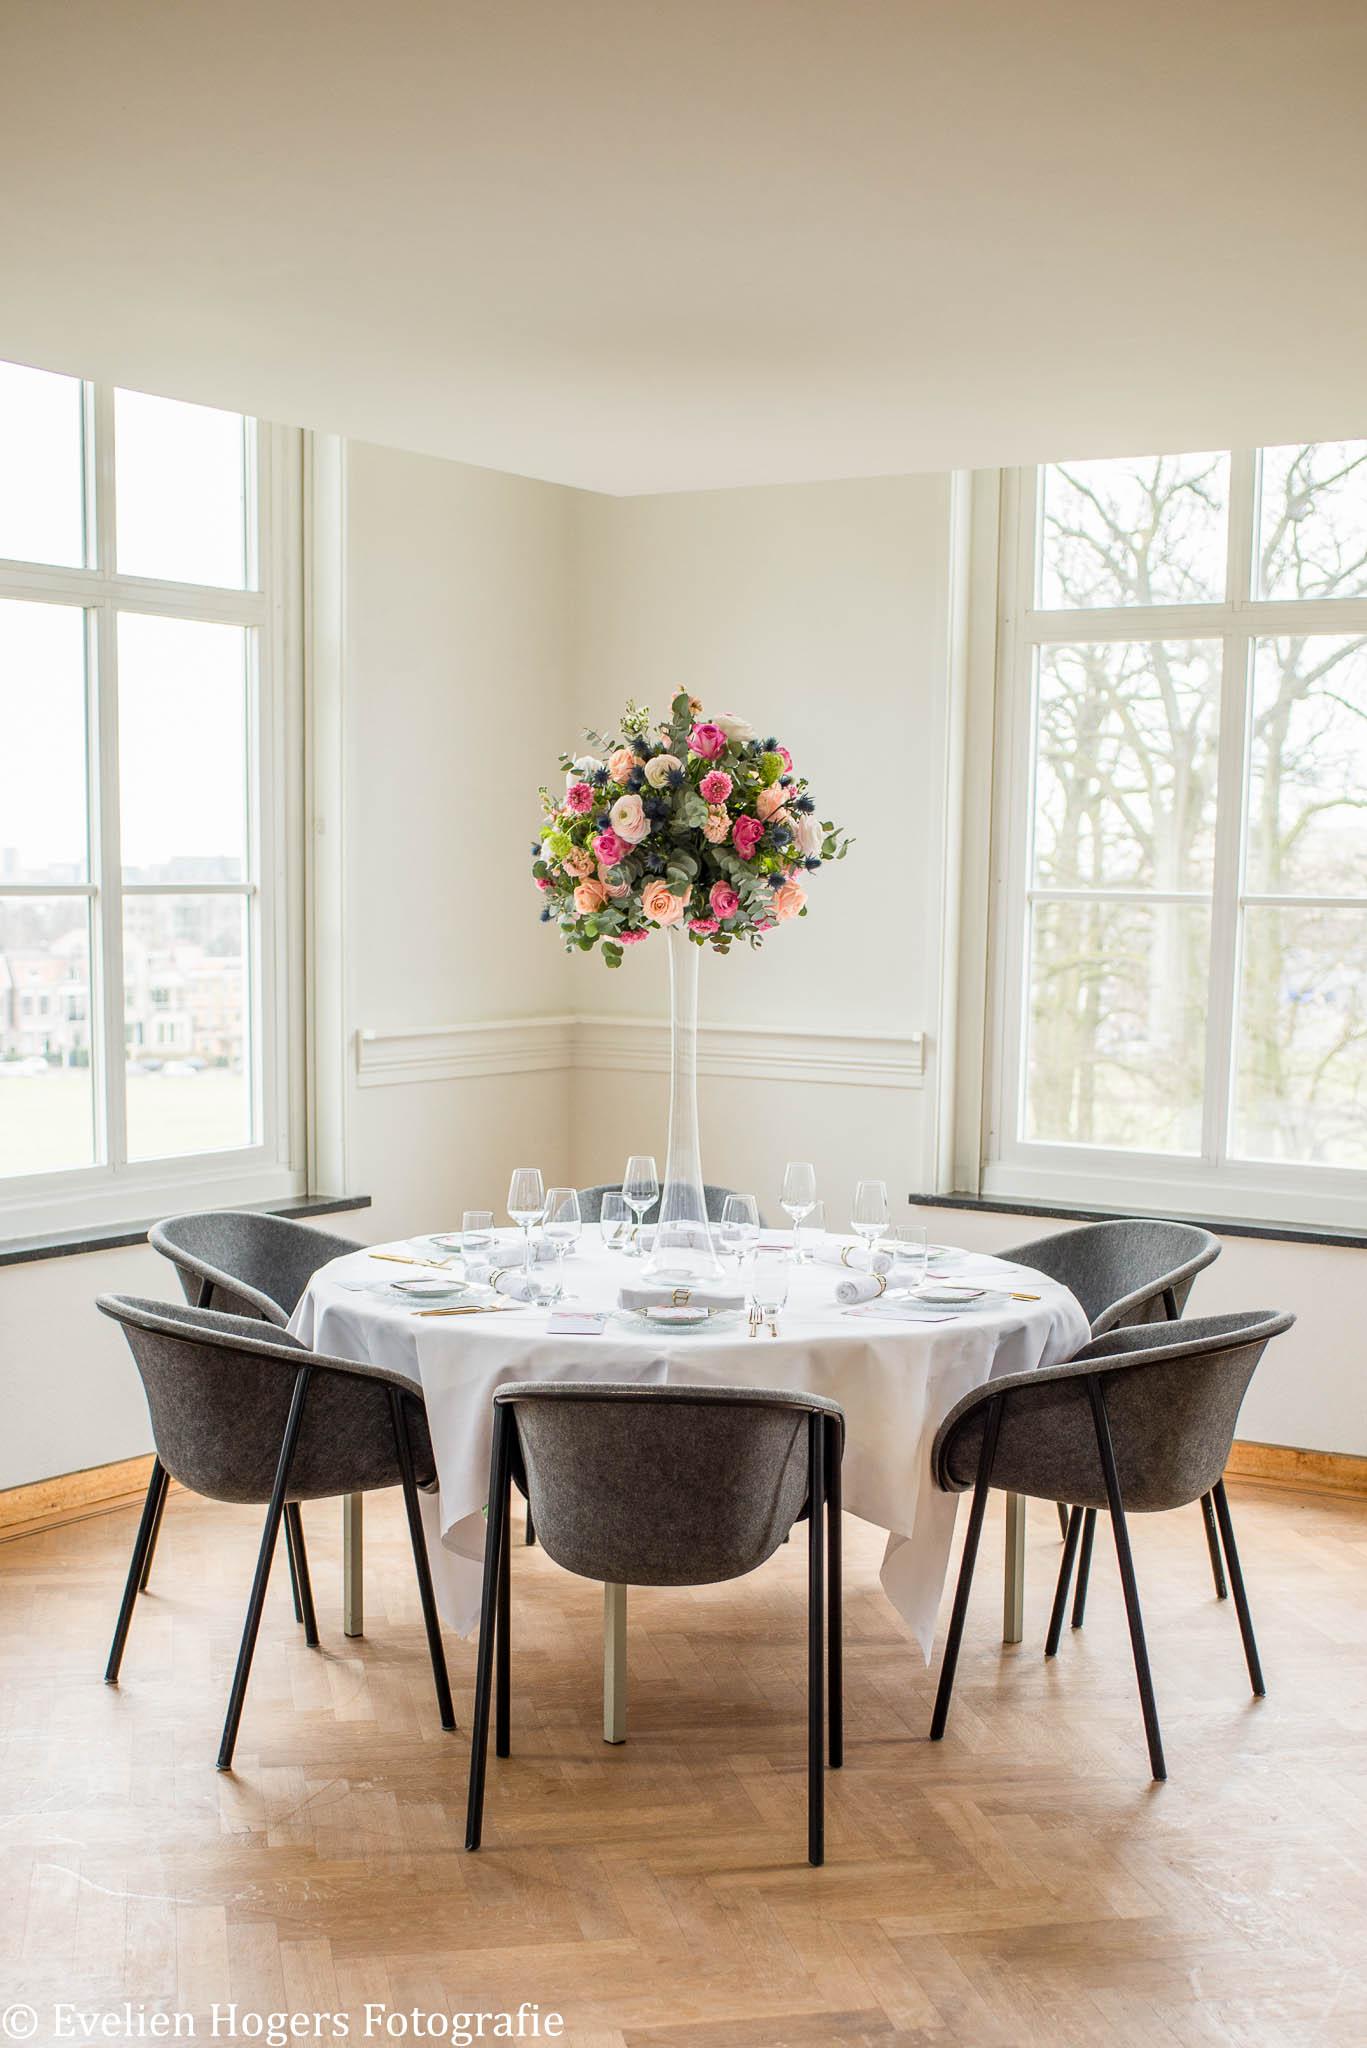 Estate_wedding_Metwatermerk-17.jpg